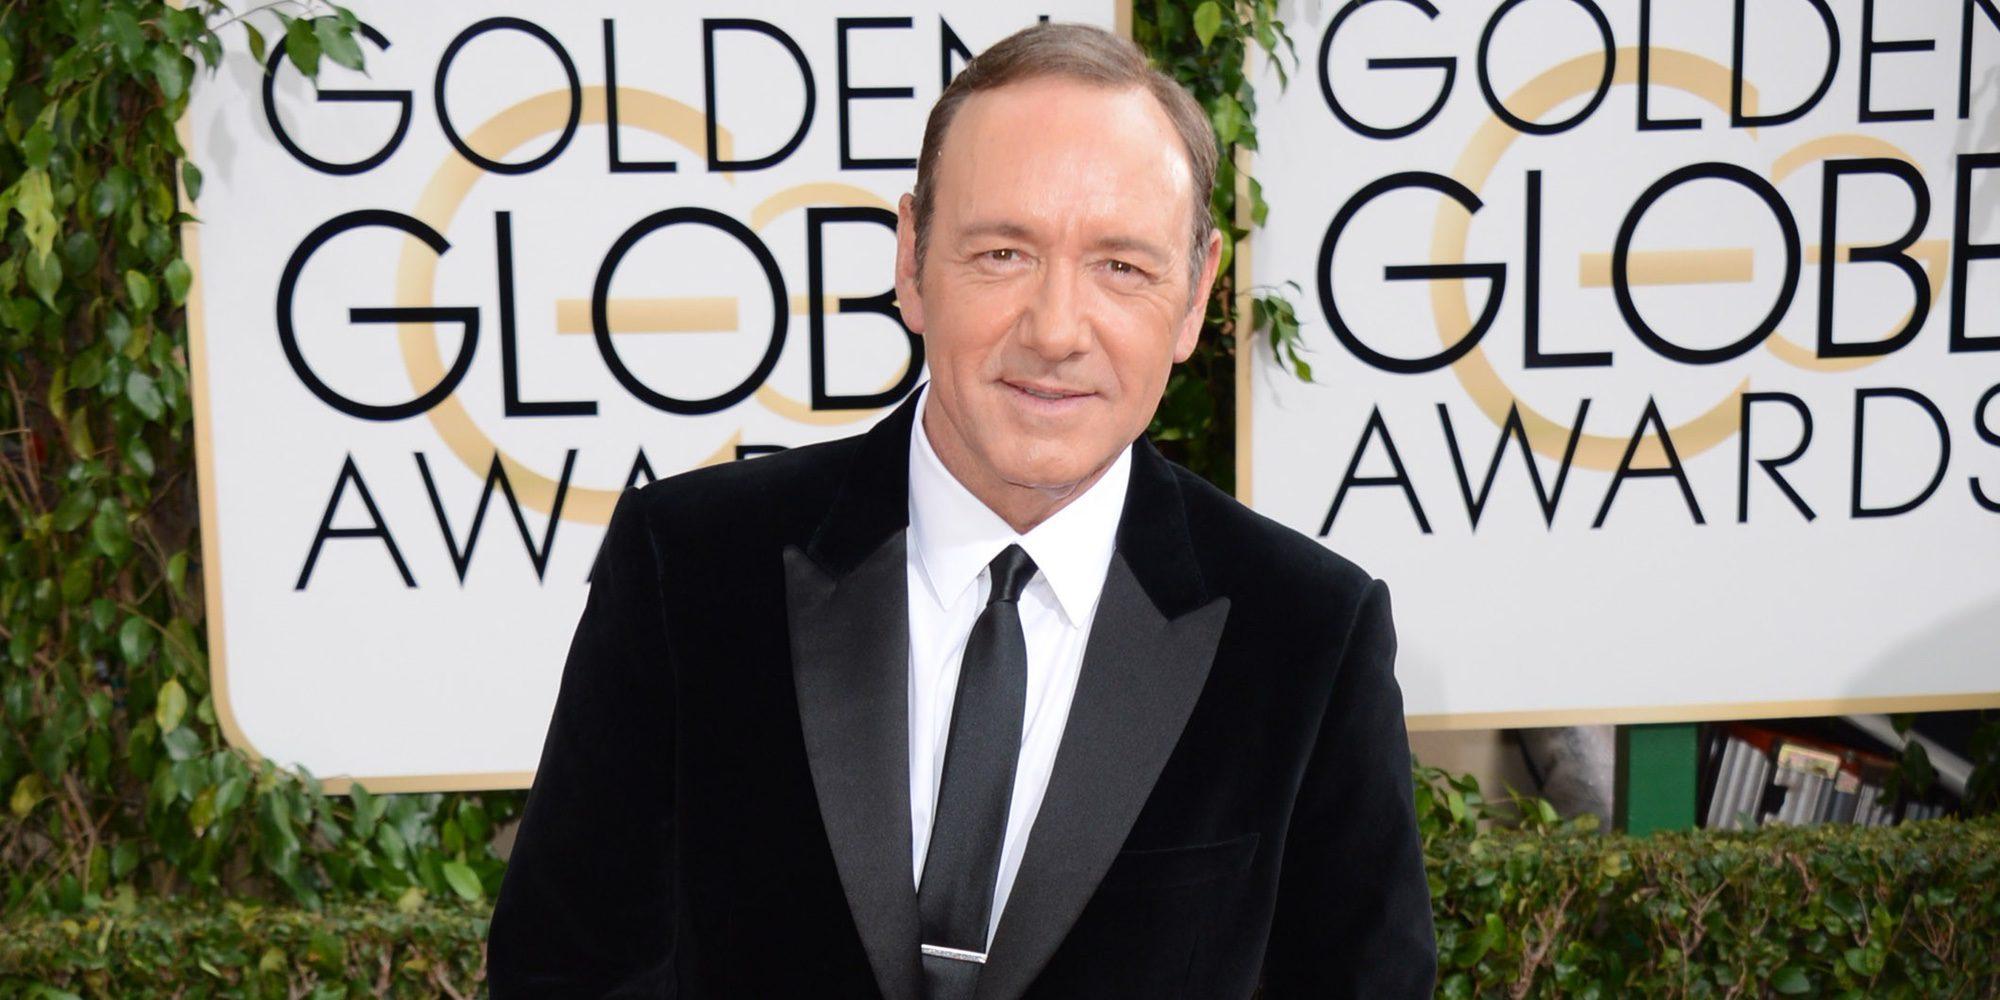 Kevin Spacey buscará tratamiento tras ser acusado nuevamente de acoso sexual